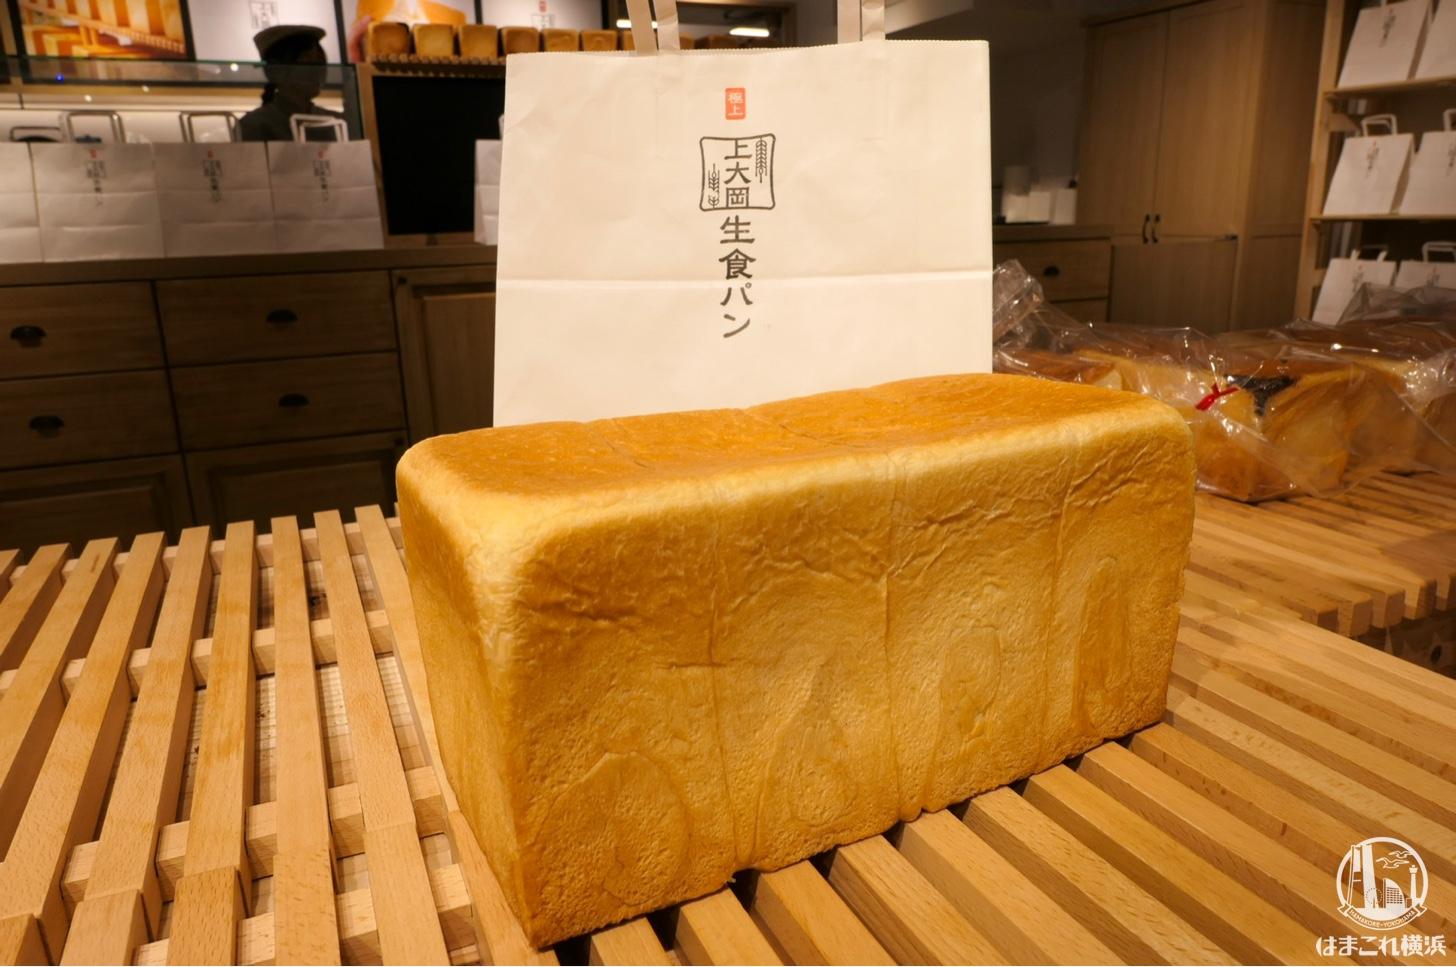 横浜・上大岡で「極上 上大岡生食パン」が話題沸騰!素材を追究した地元密着ブランドパン